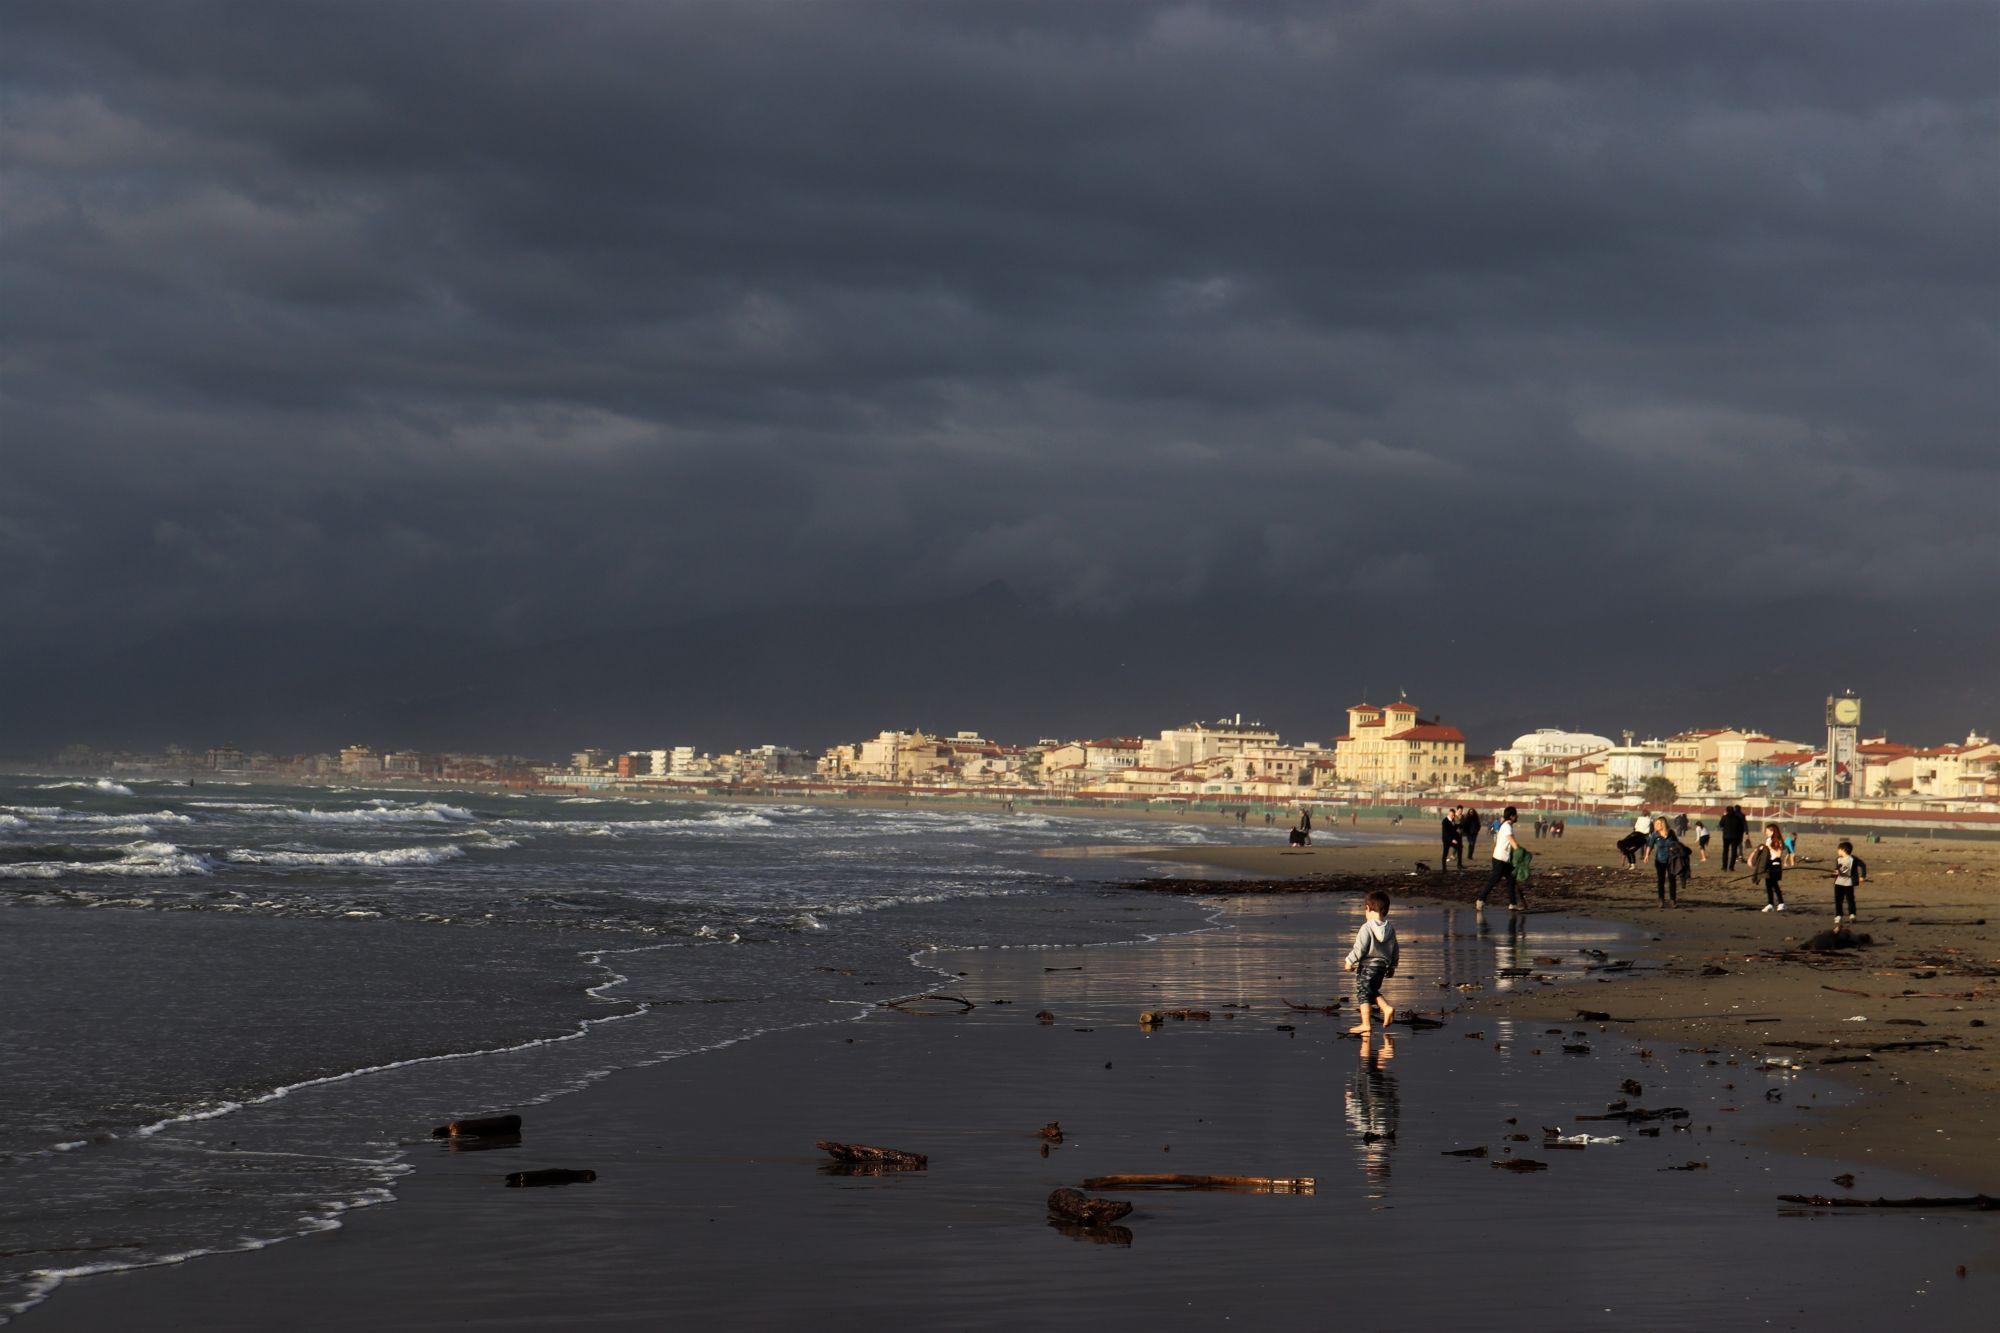 Maltempo in Versilia, problemi per il deflusso dell'acqua a causa del mare alto